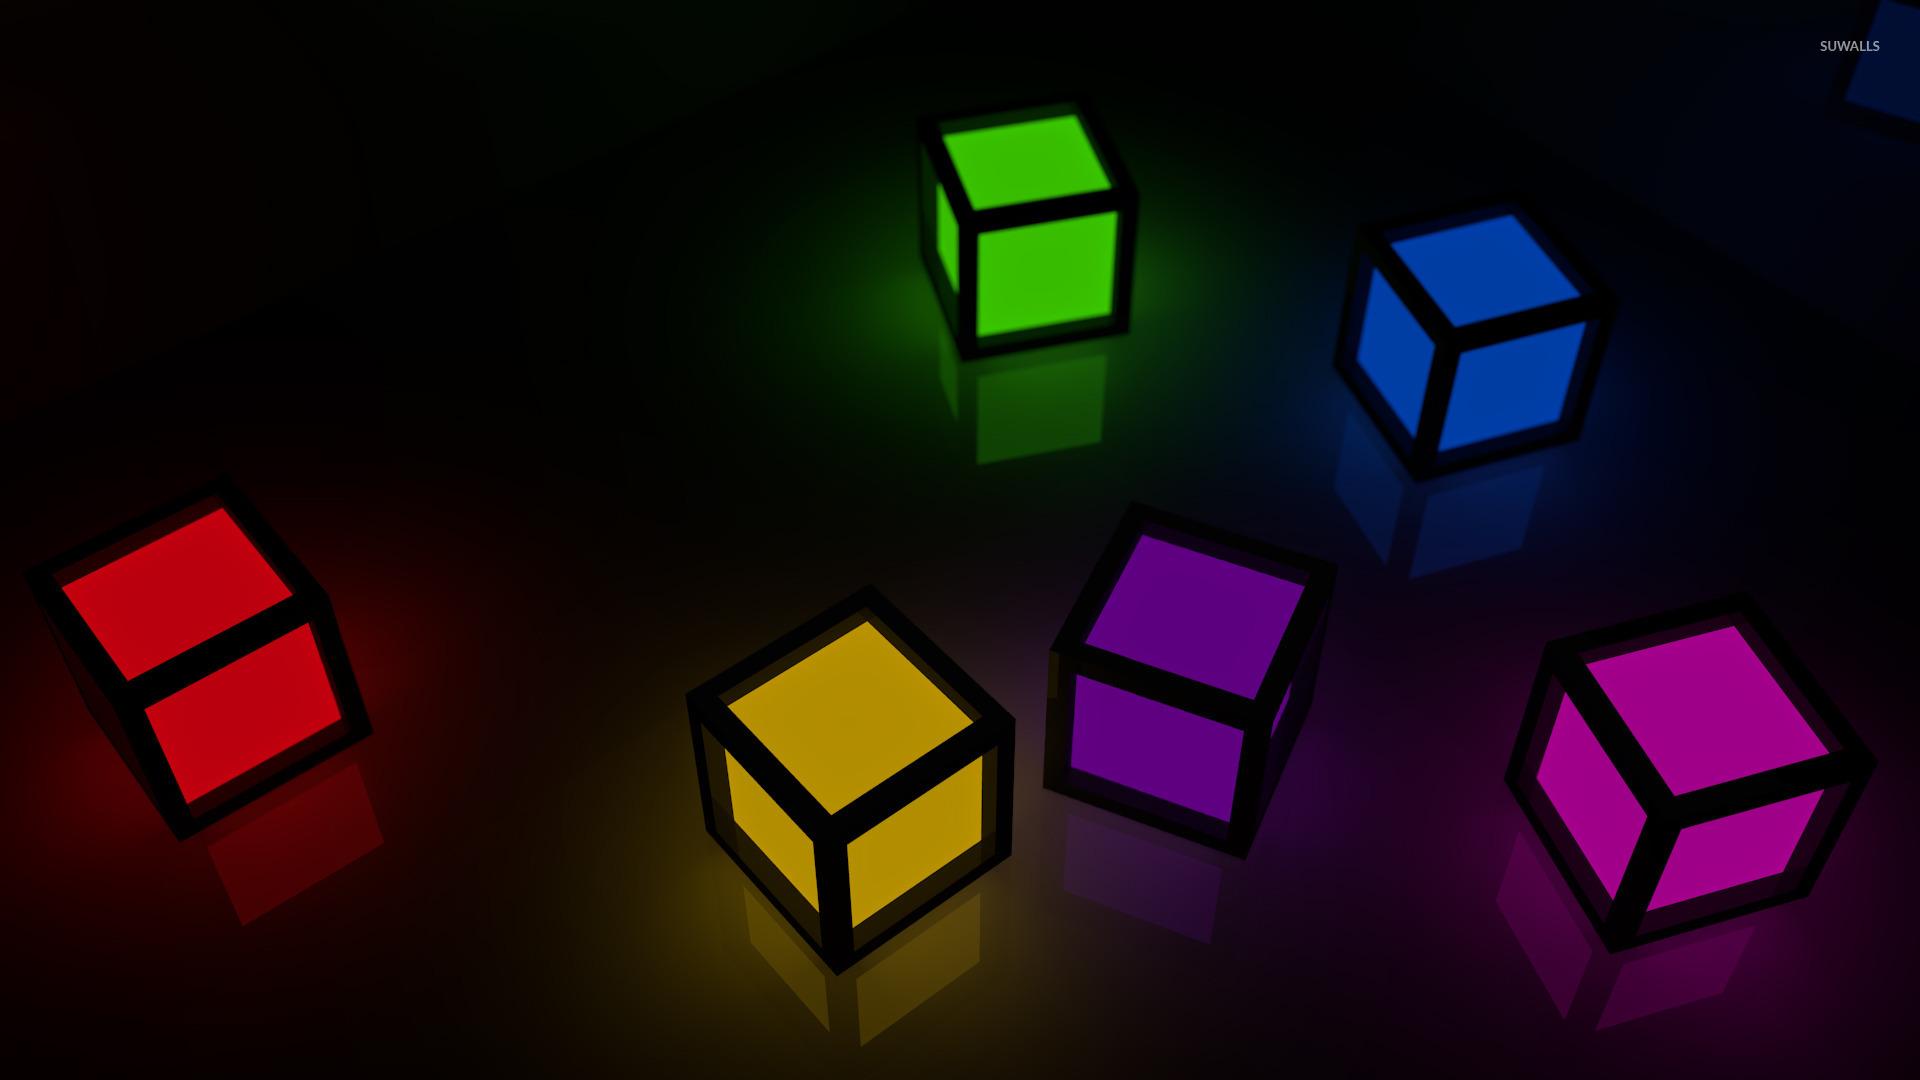 Cubes wallpaper   3D wallpapers   16046 1280x800